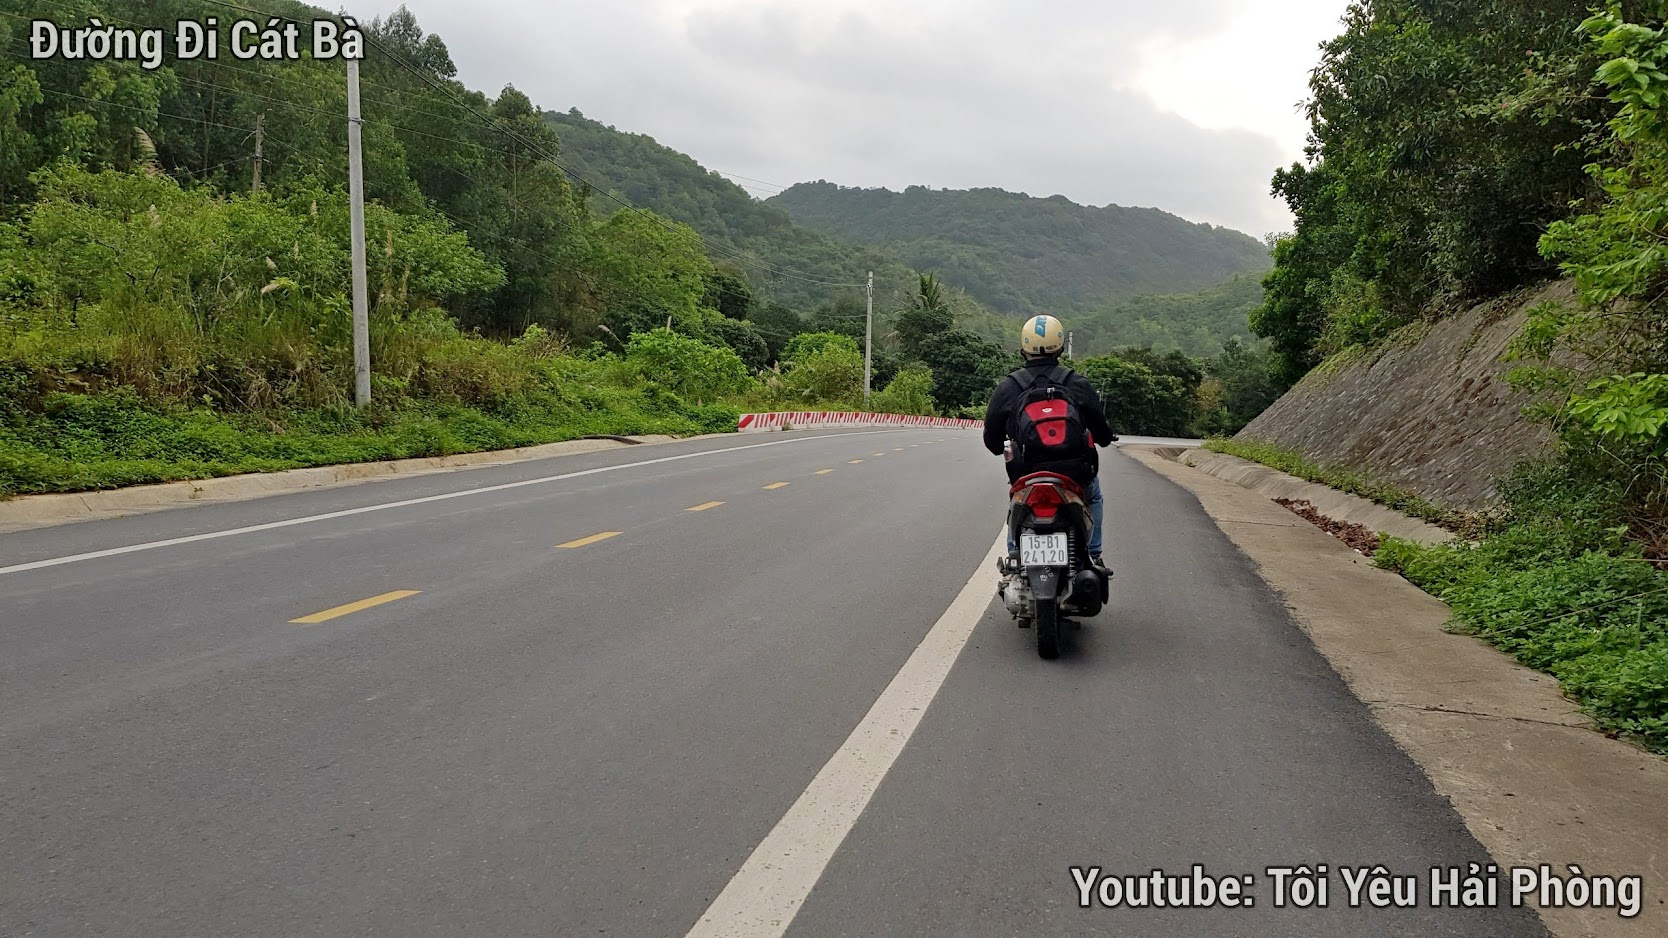 Đường đi xe máy từ Hải Phòng tới đảo Cát Bà 2019